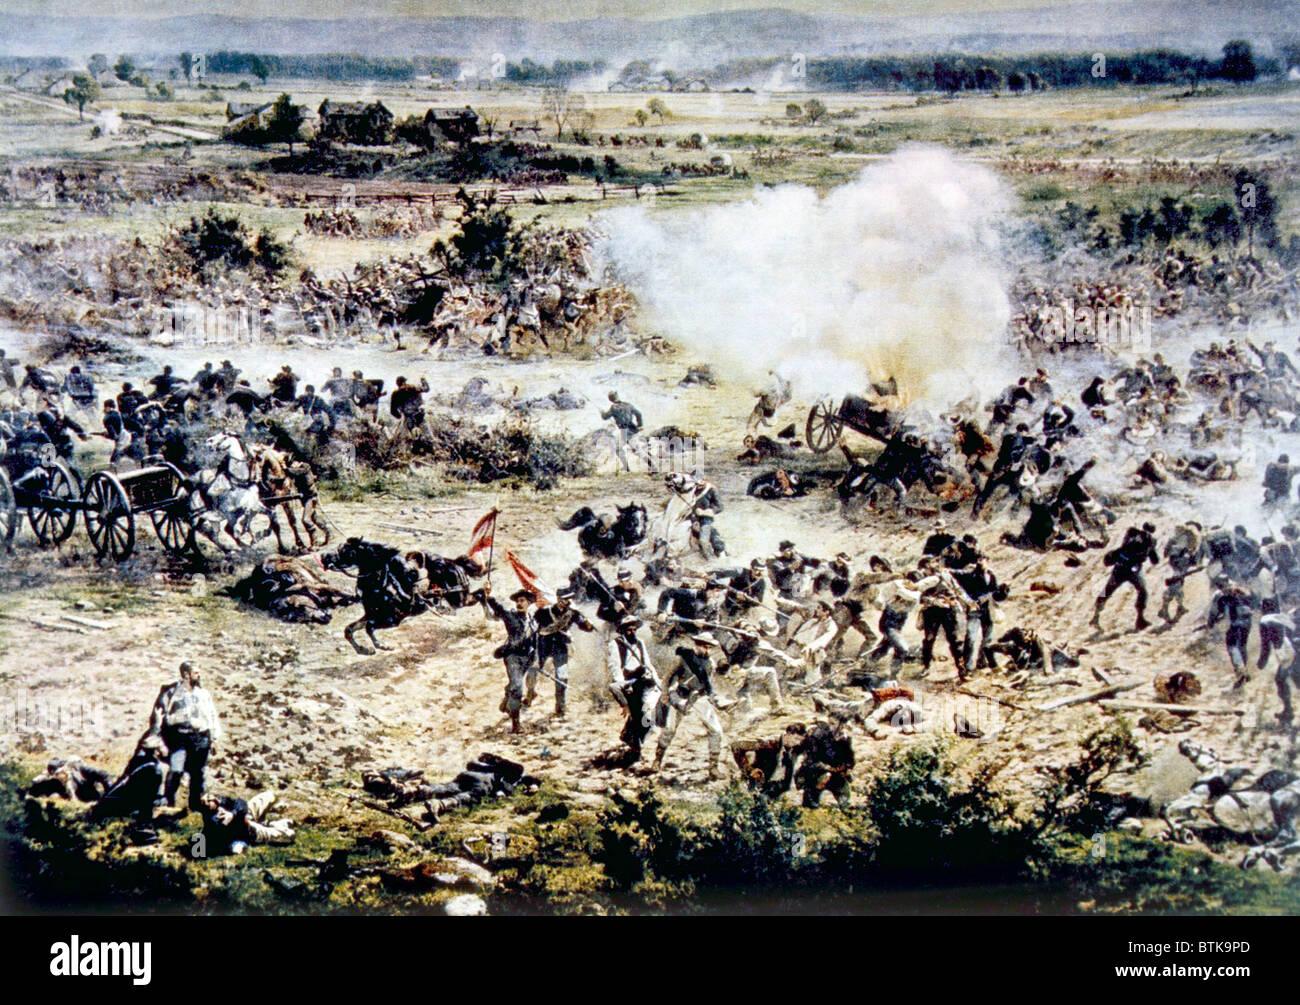 Die Schlacht von Gettysburg, Picketts Charge, 3. Juli 1863, Teil einer Panorama-Gemälde von Paul Philippoteaux Stockbild